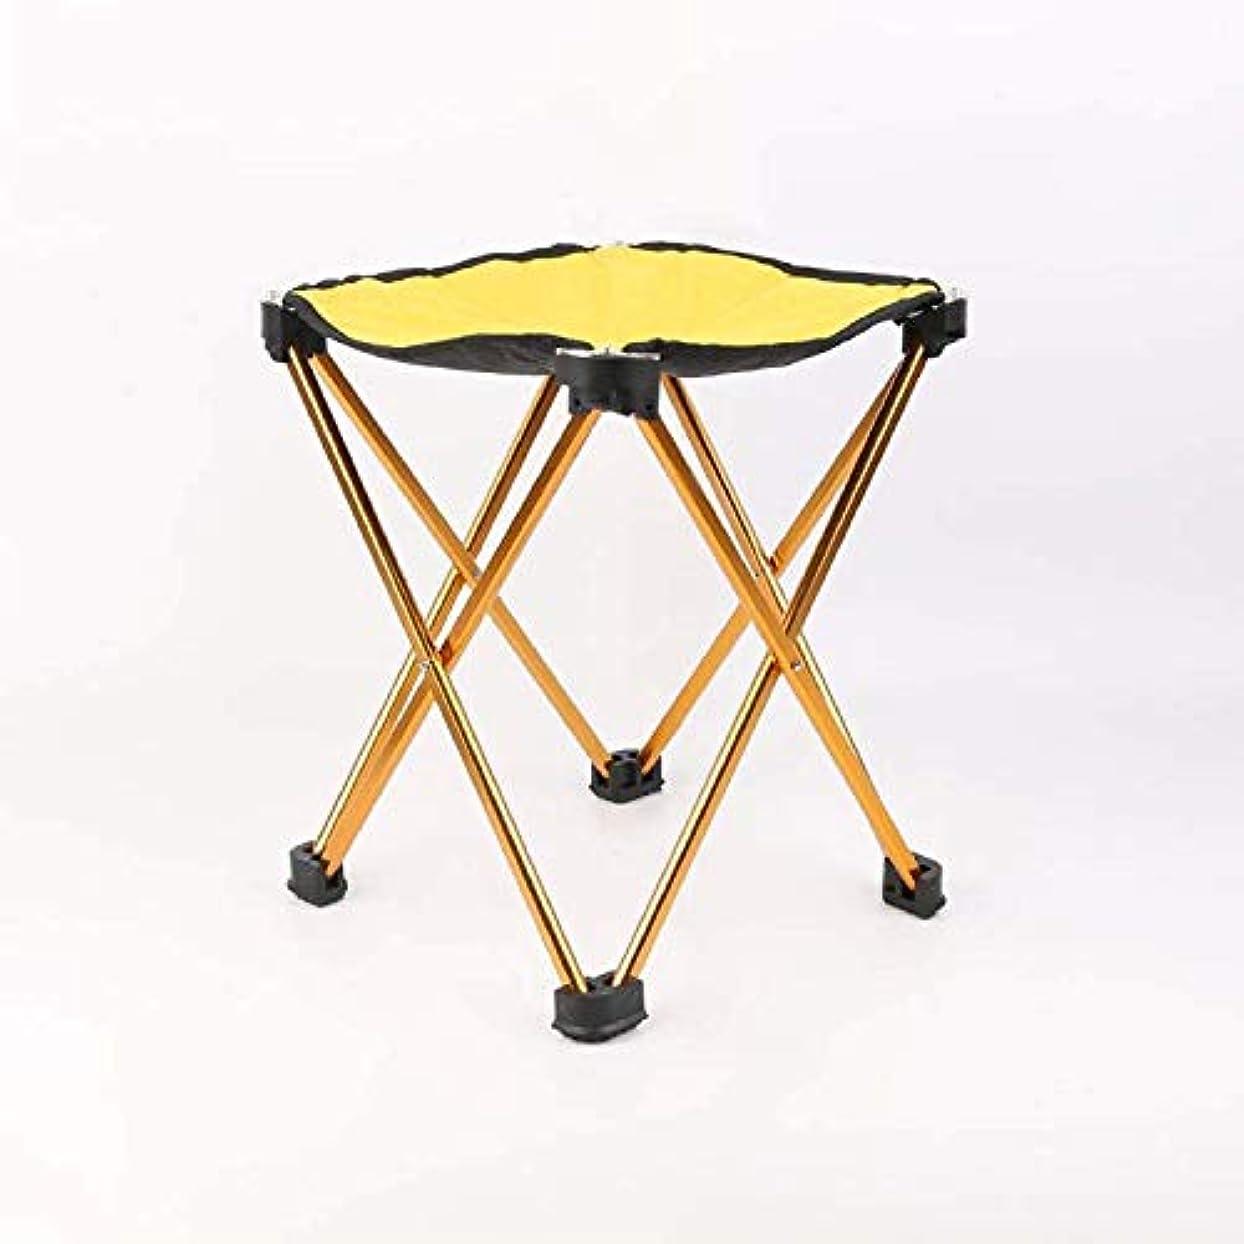 コンサルタントうまくやる()極貧屋外ポータブル折りたたみ椅子キャンプスツール小さなマザライトレジャーレジャー快適さピクニック旅行釣り登山バーベキュー公園ビーチ黄色